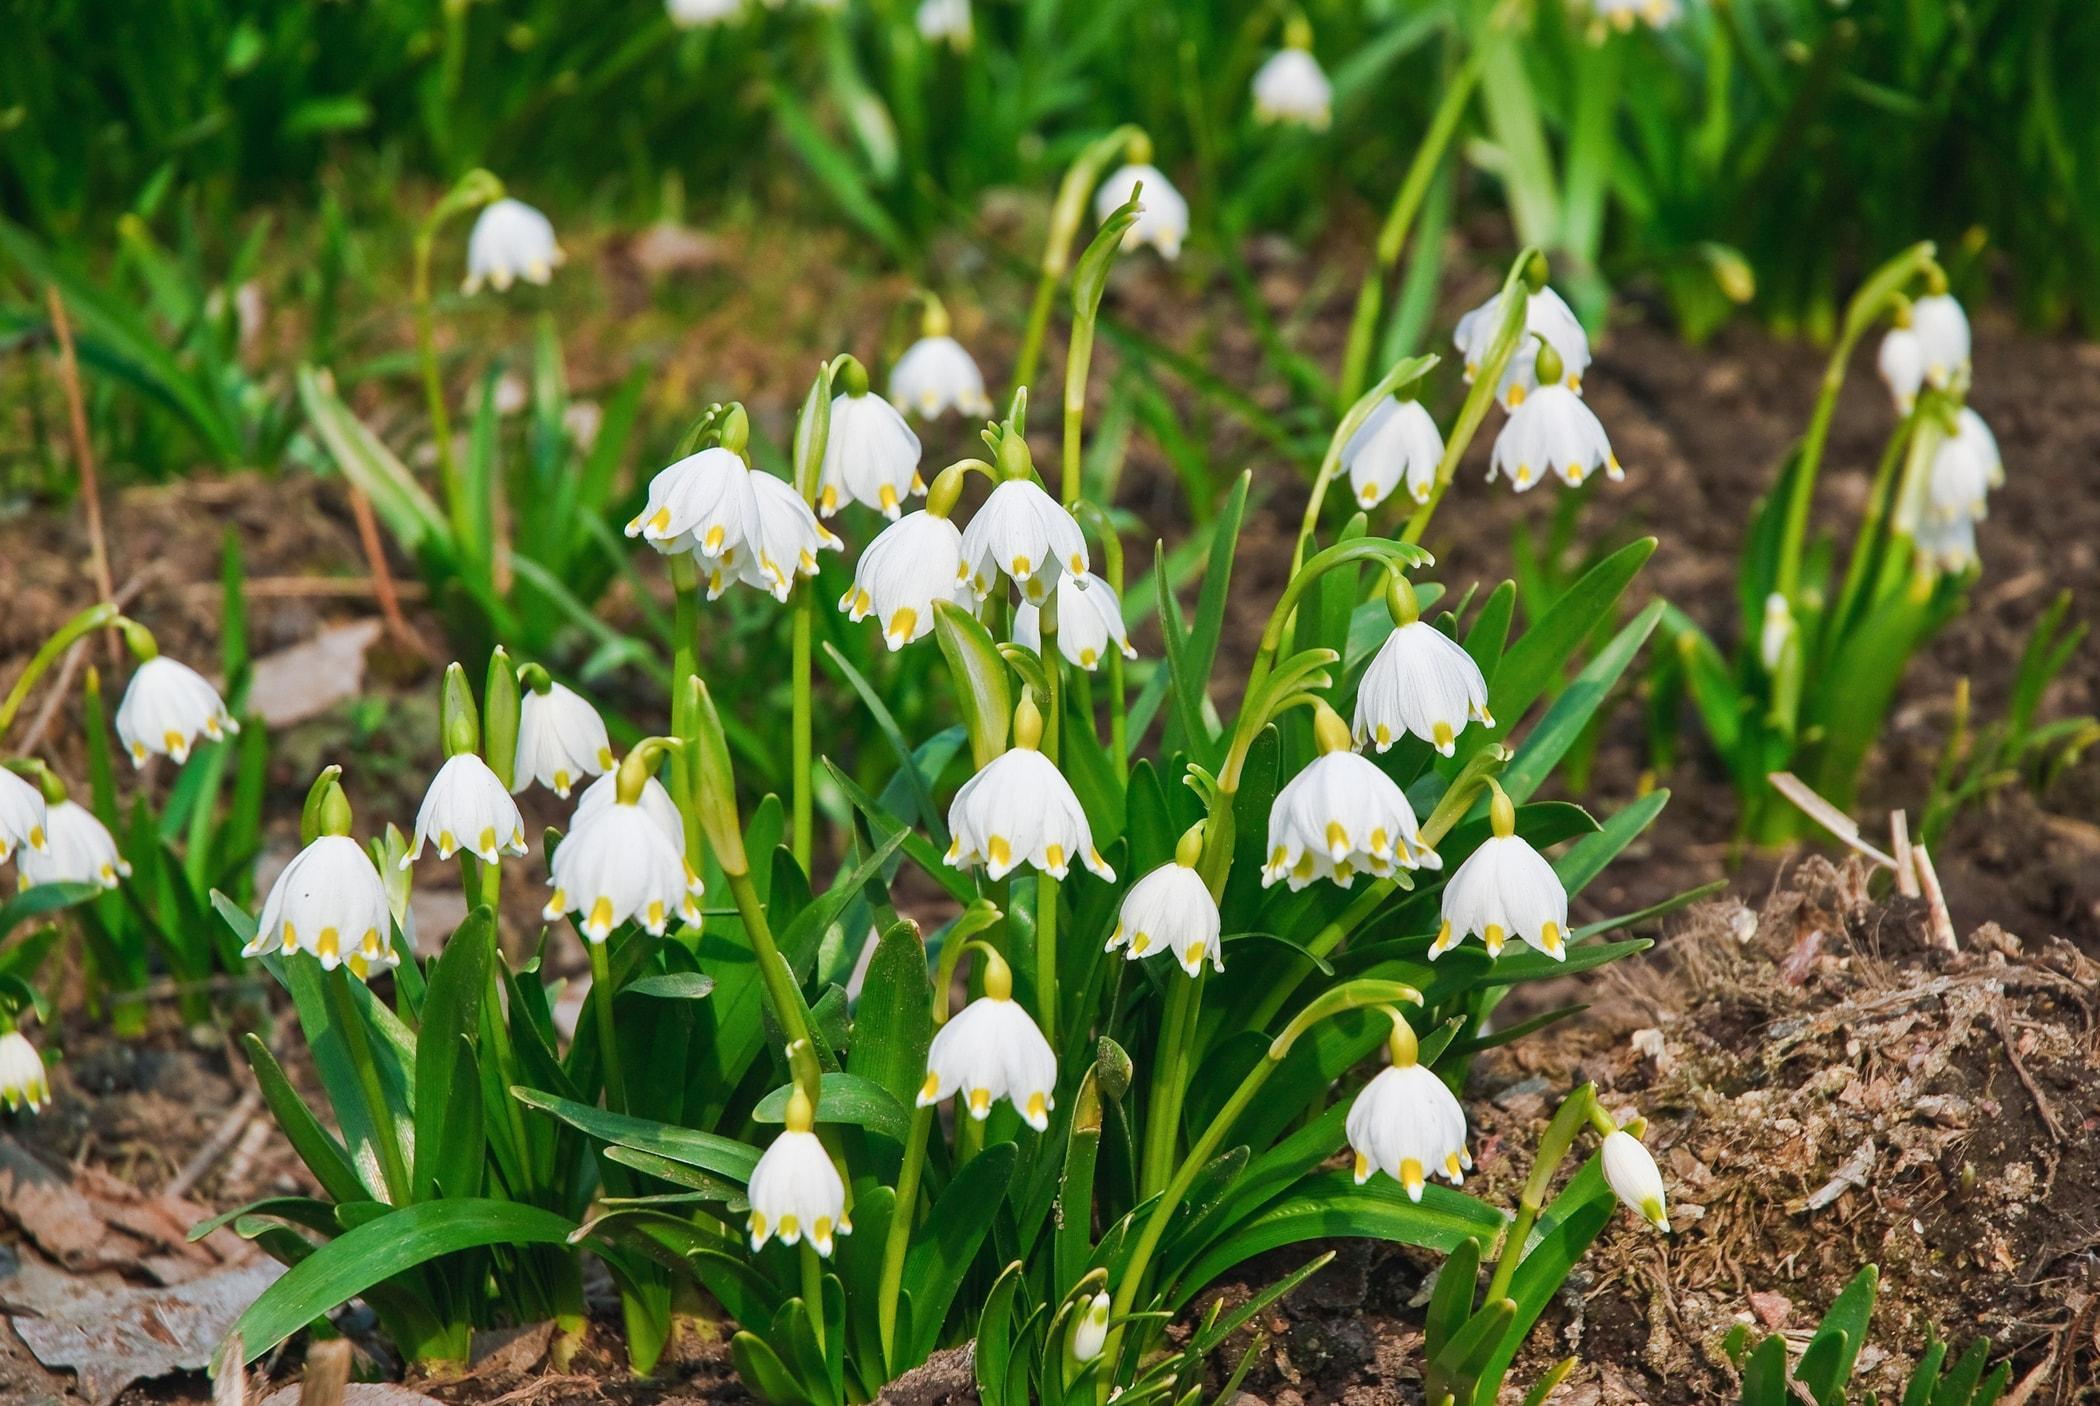 Kwiat śnieżyca - odmiany, opis, uprawa, pielęgnacja, porady praktyczne